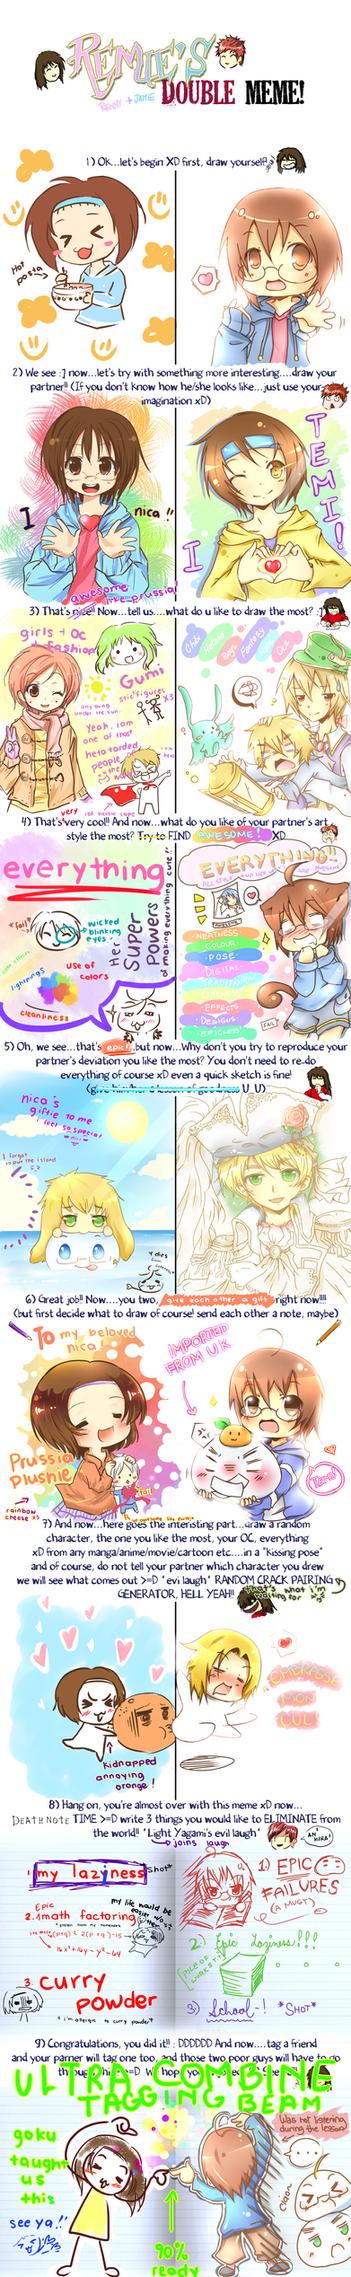 DOUBLENESSSS WITH NICA by temiji